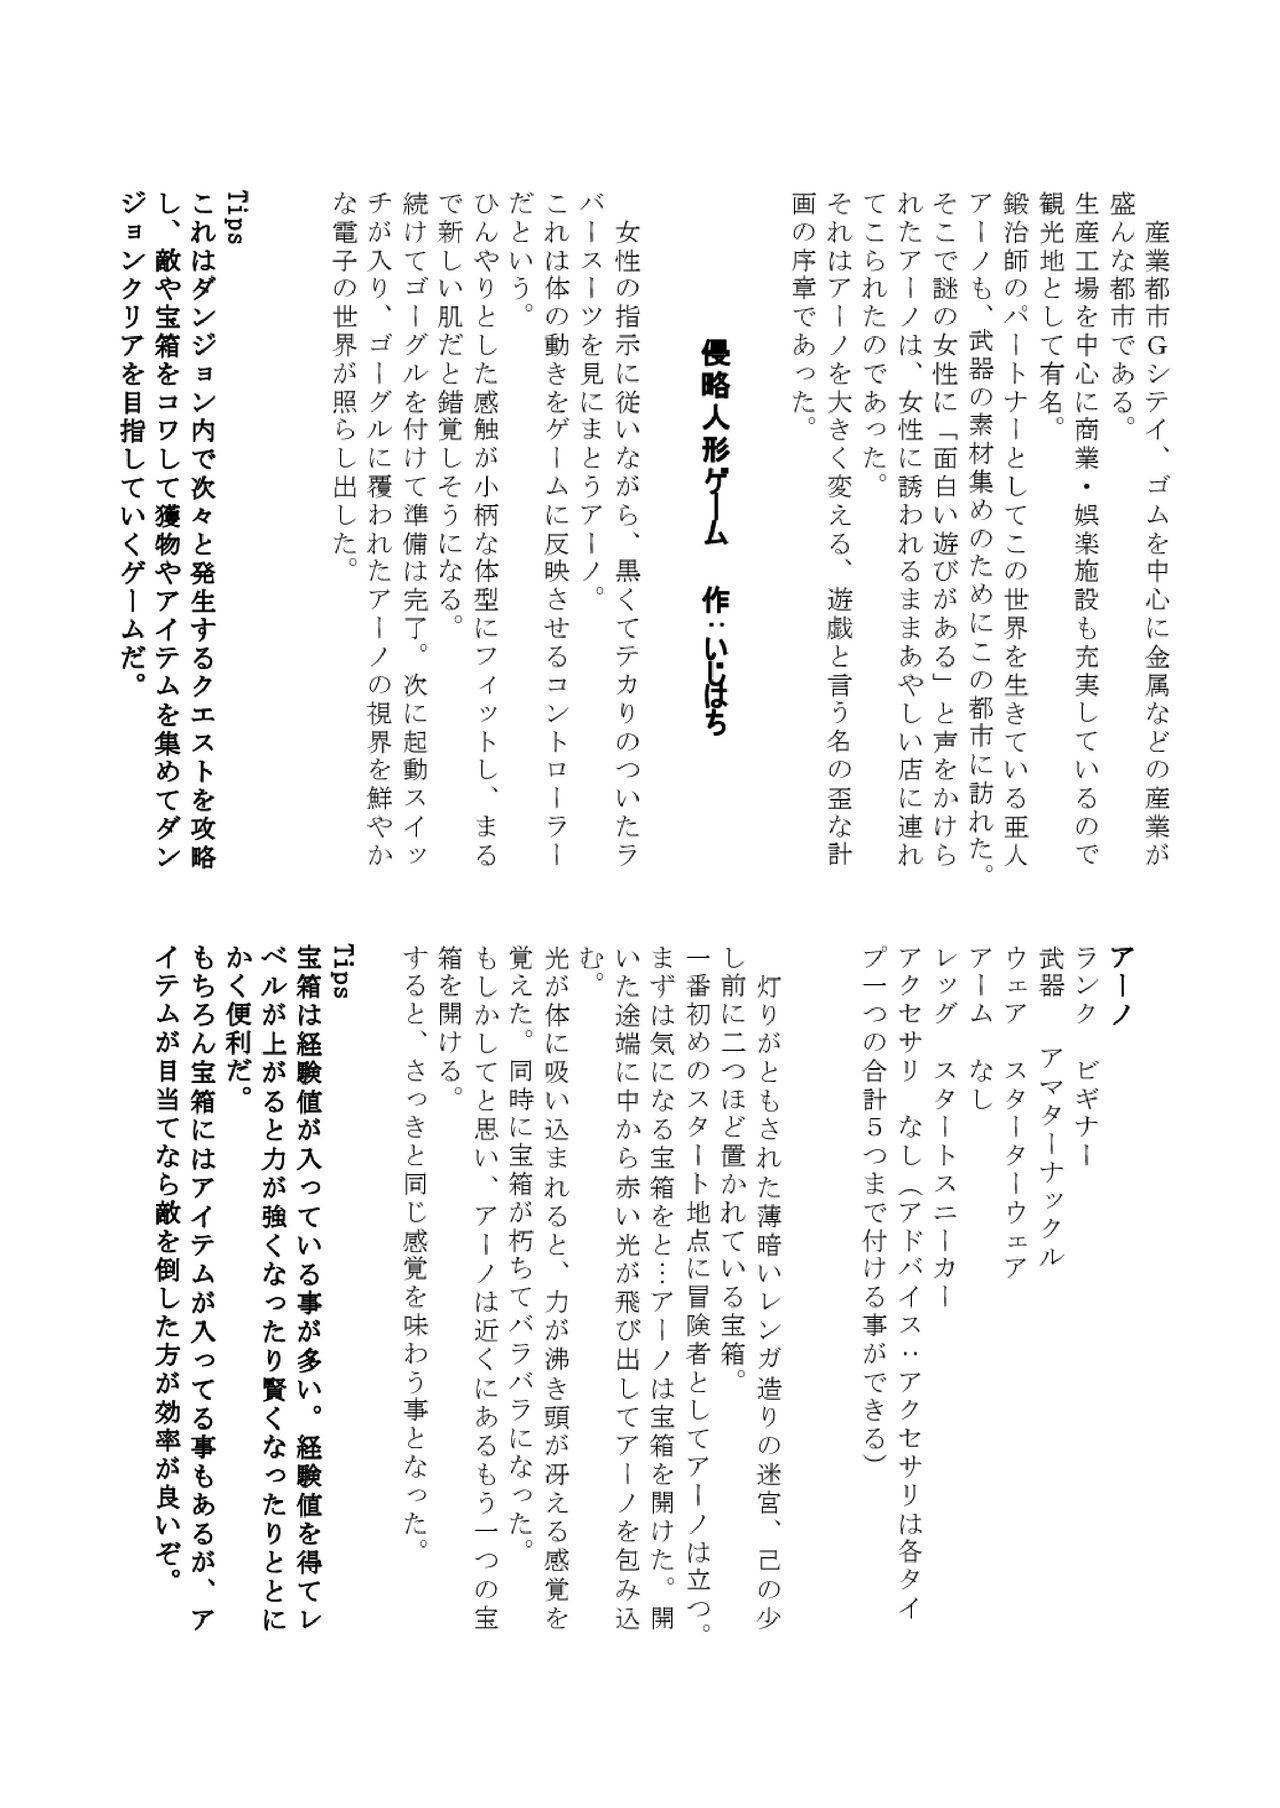 Gomboat-ka Goudou Zecchou Gomu 52